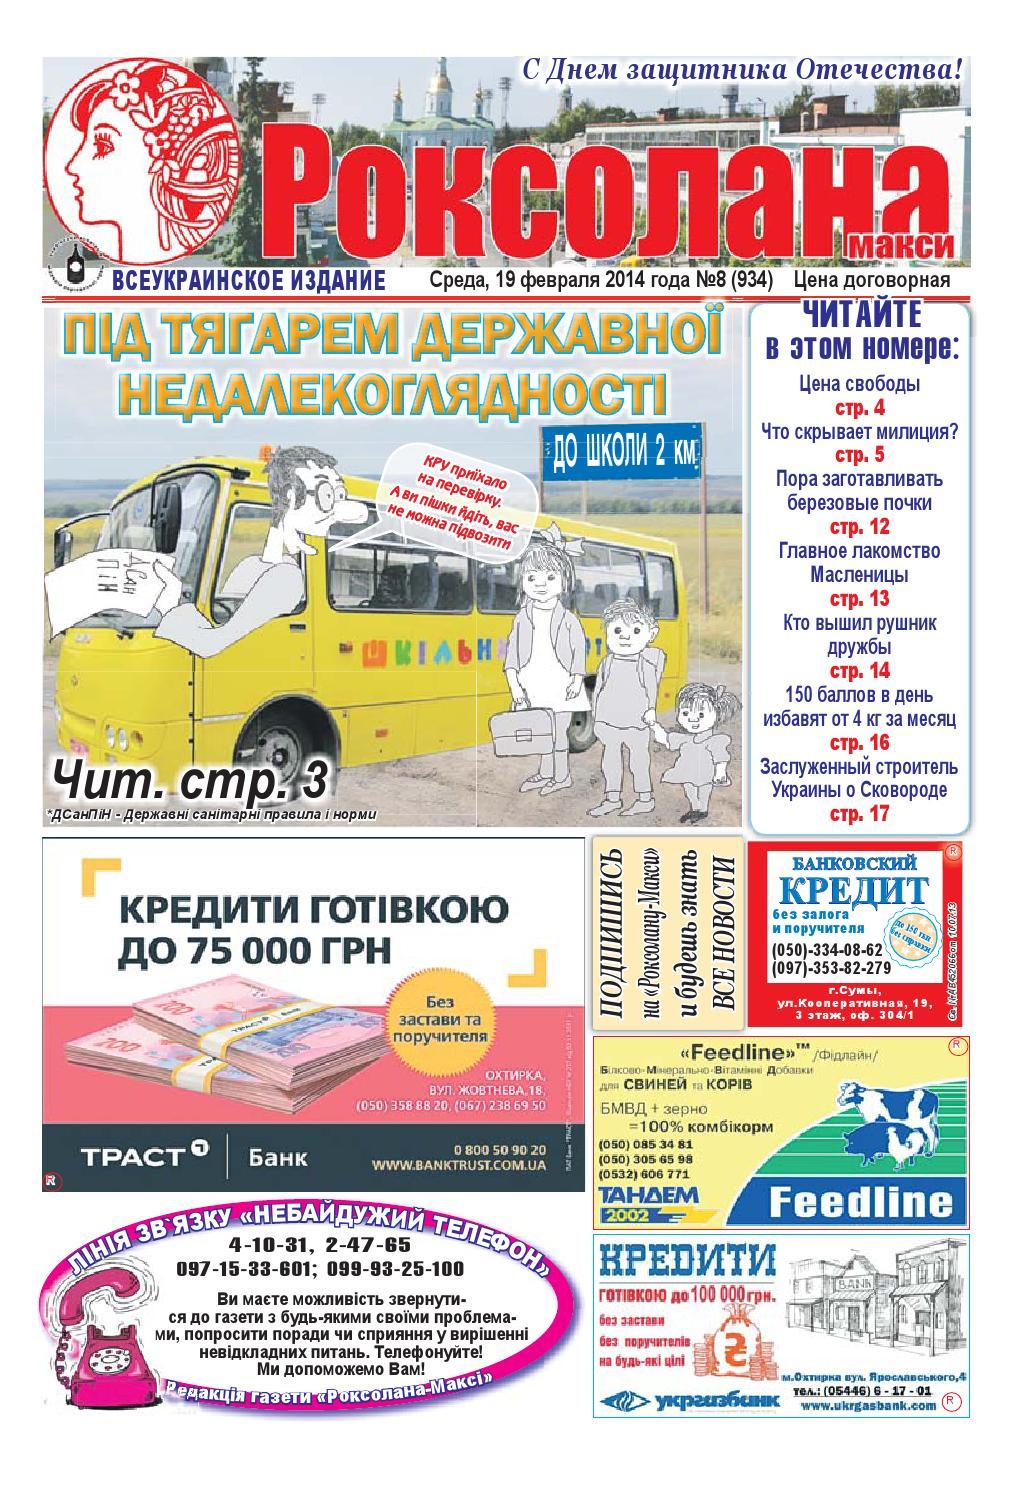 Быстрый займ под залог птс Снайперская улица кредит под птс авто в новосибирске